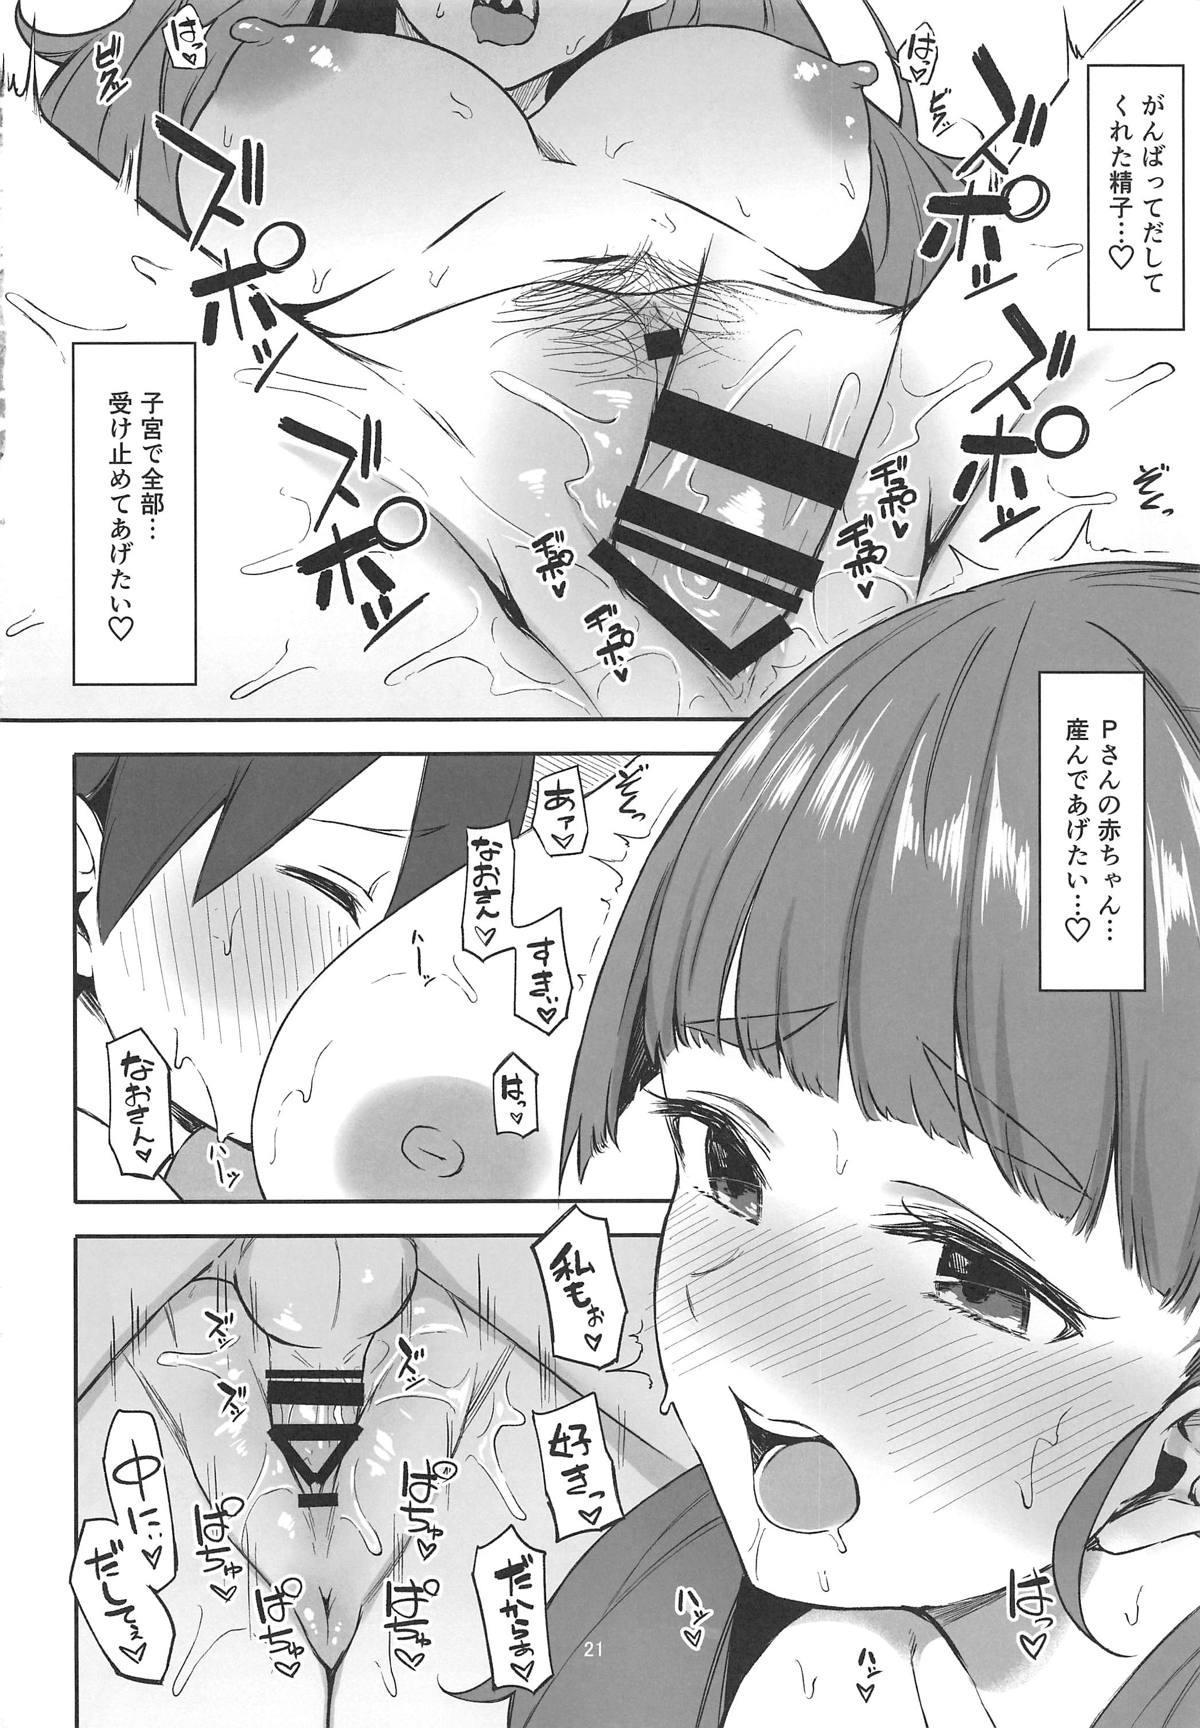 Nao to Shota P no Ecchi na Hon 20